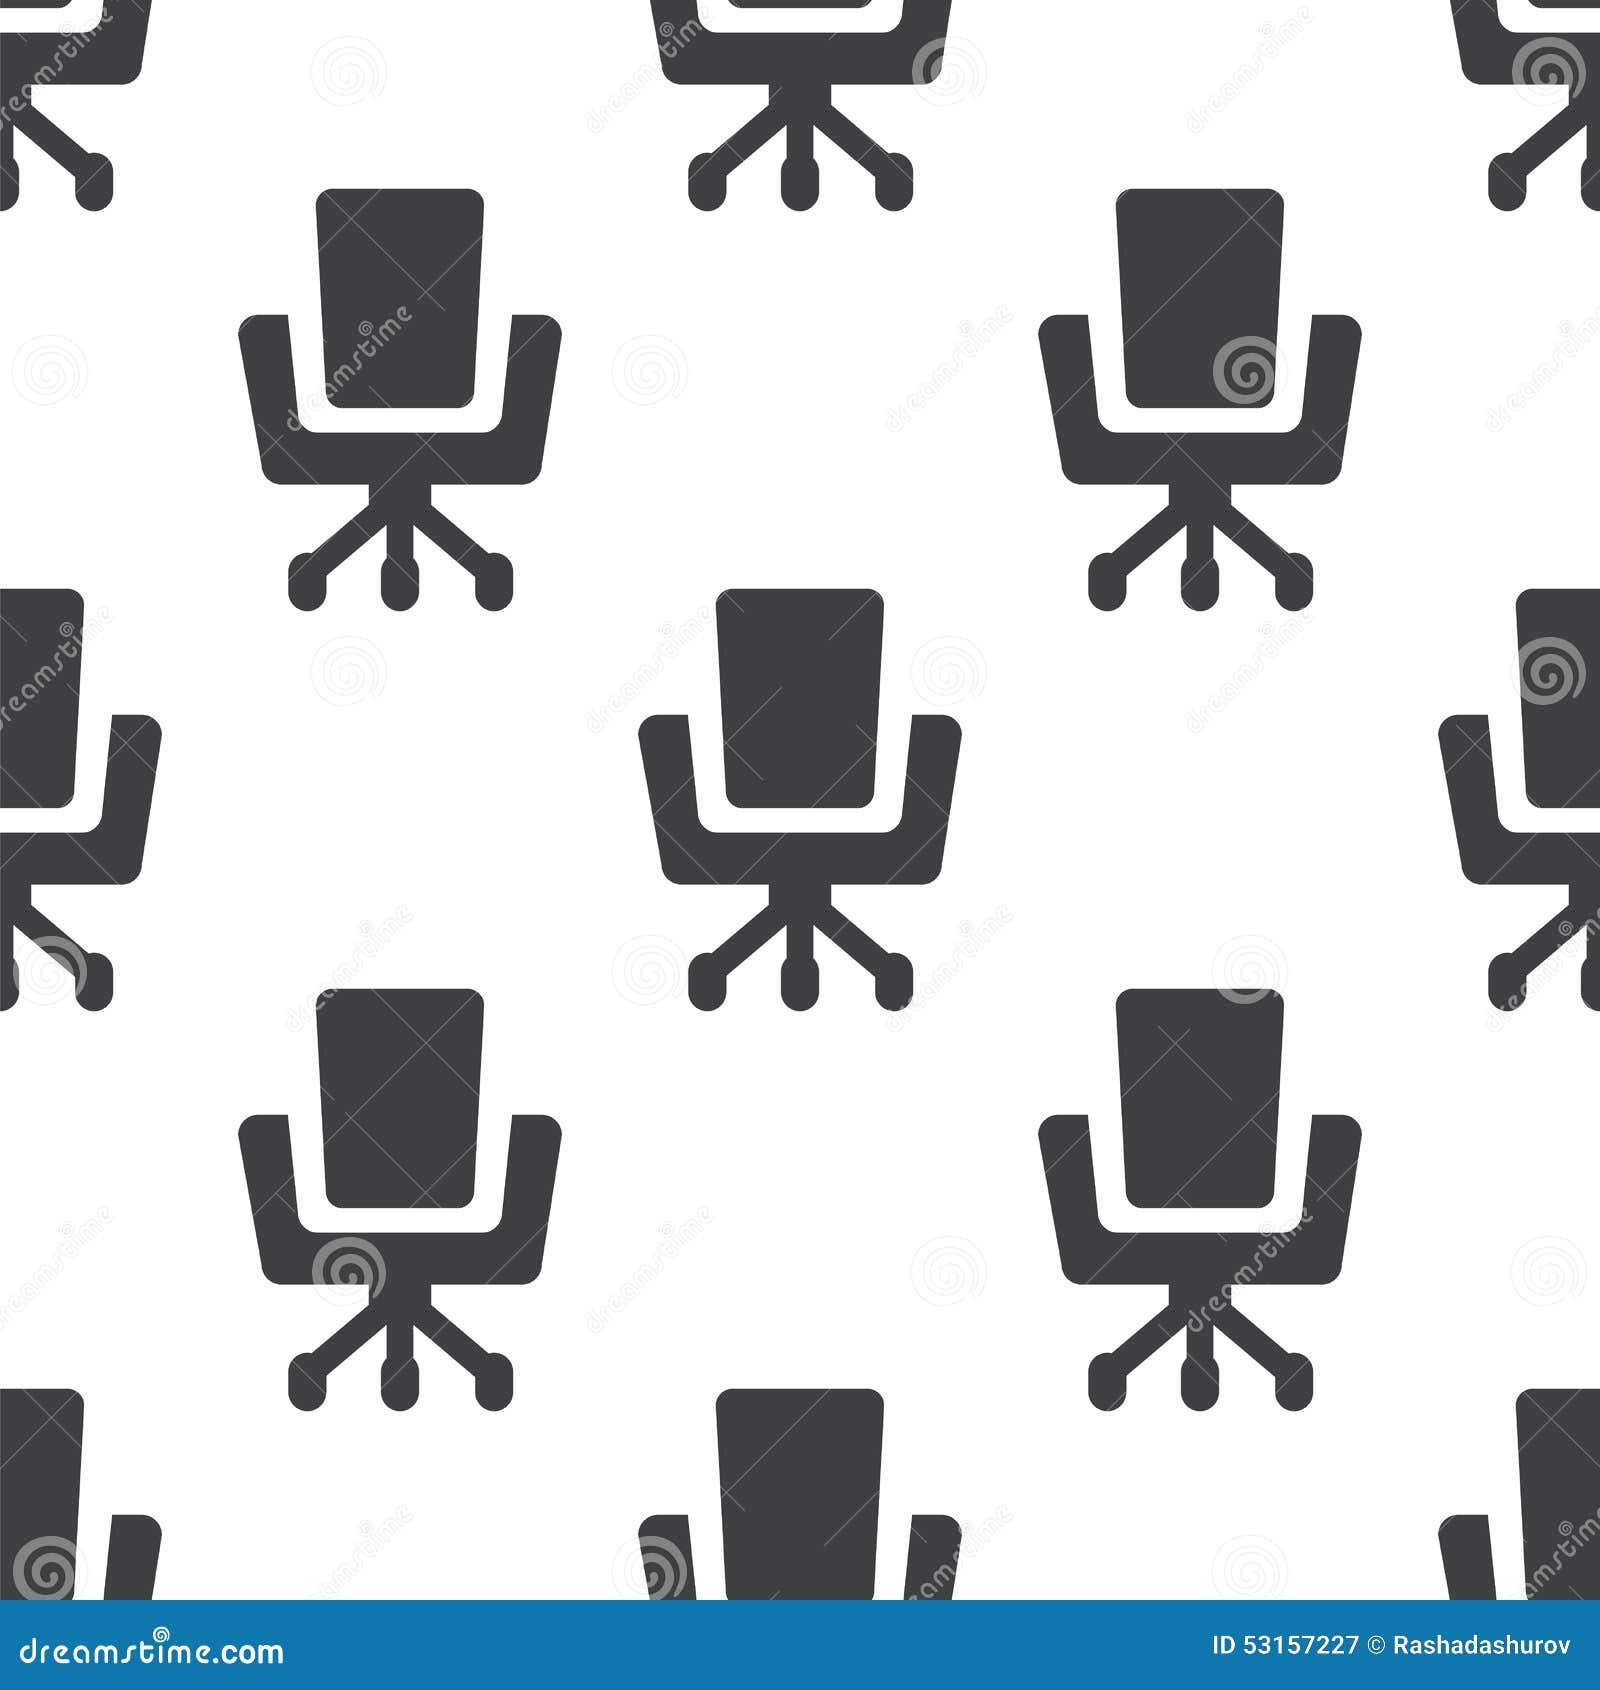 La Chaise De Bureau Dirigent Le Modele Sans Couture